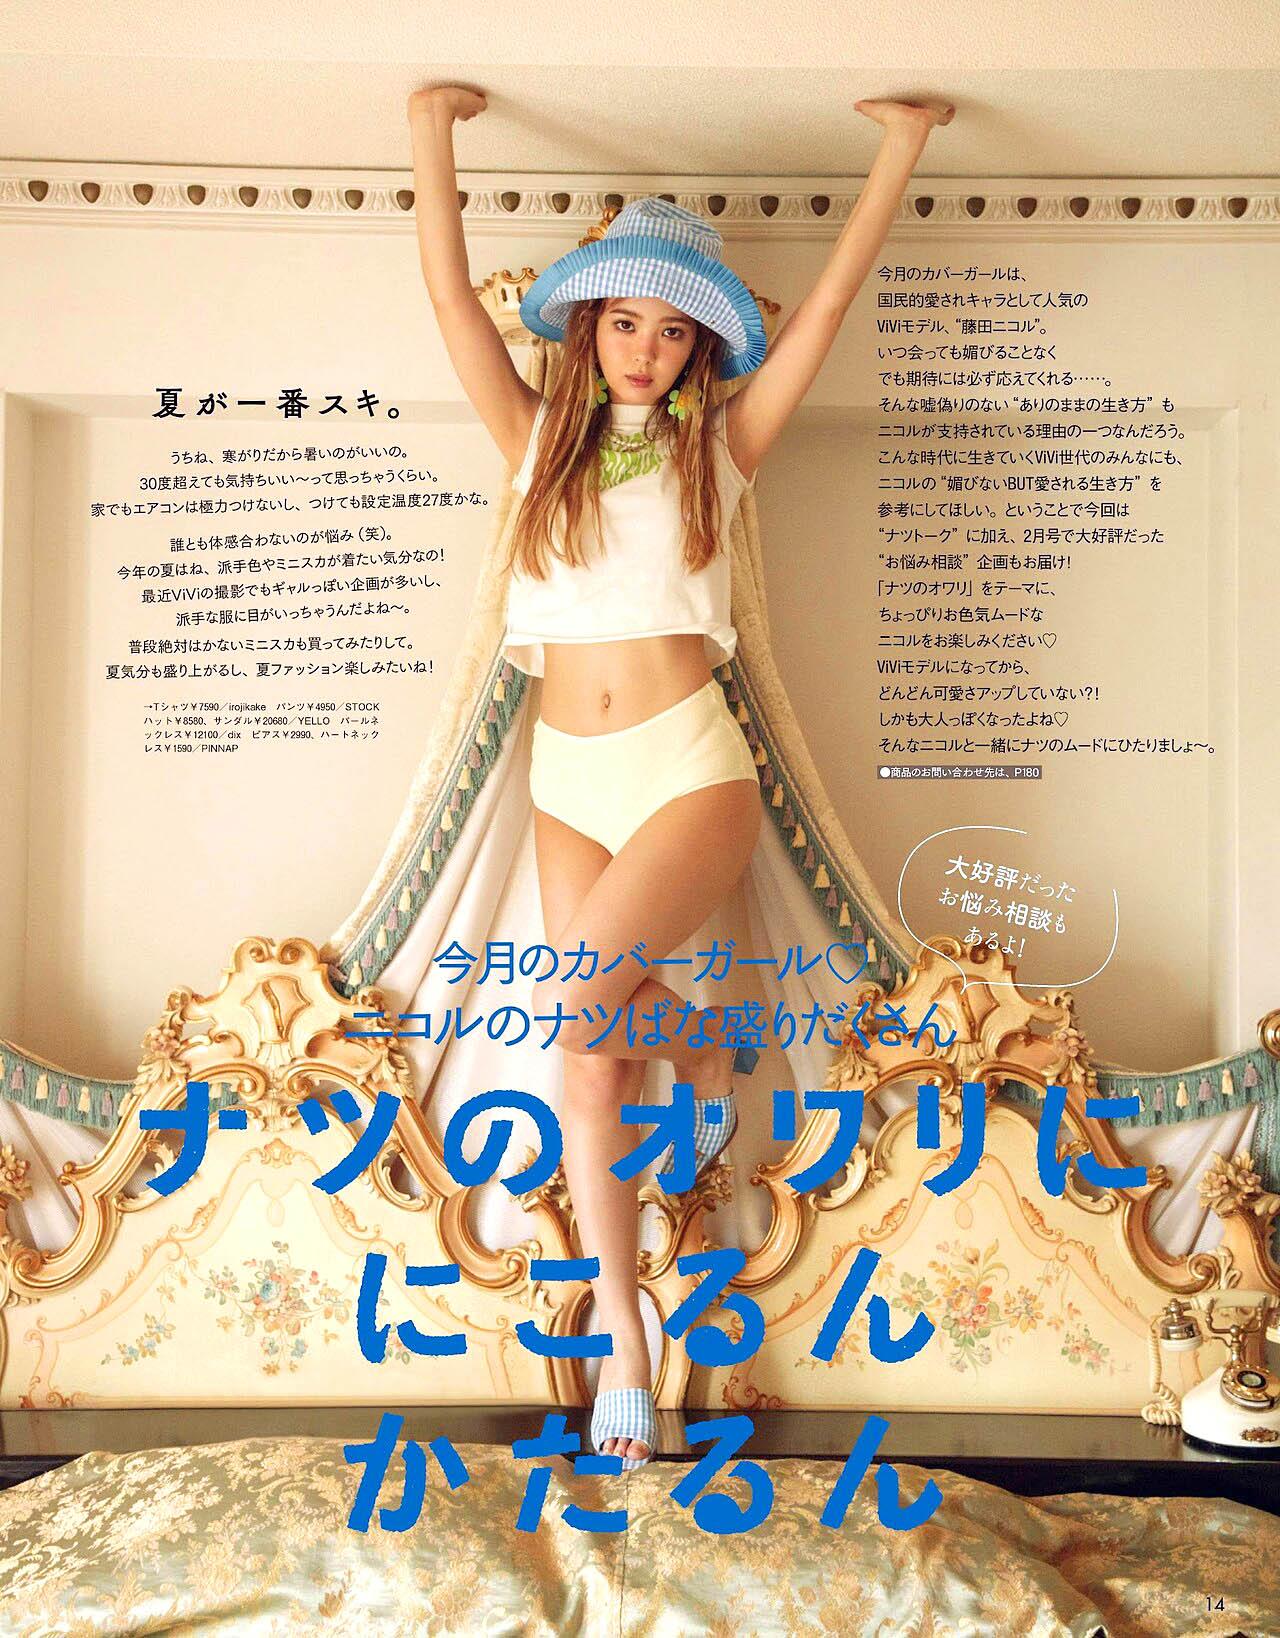 Nicole Fujita ViVi 2109 02.jpg